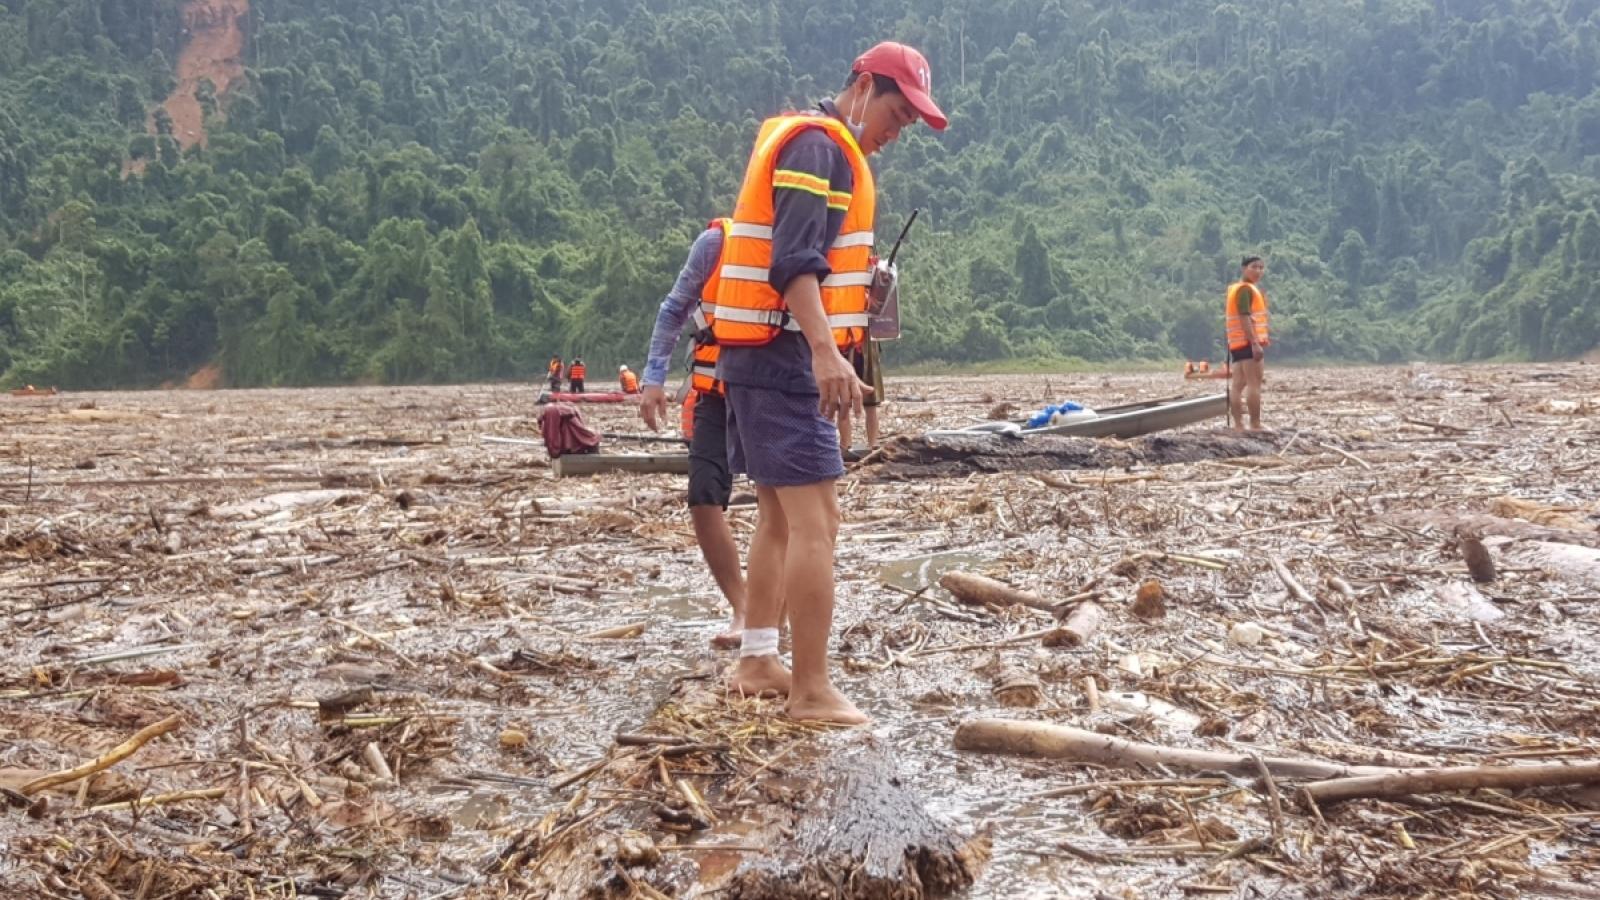 Quảng Nam còn 20 người mất tích, tạm dừng tìm kiếm chờ qua bão số 10